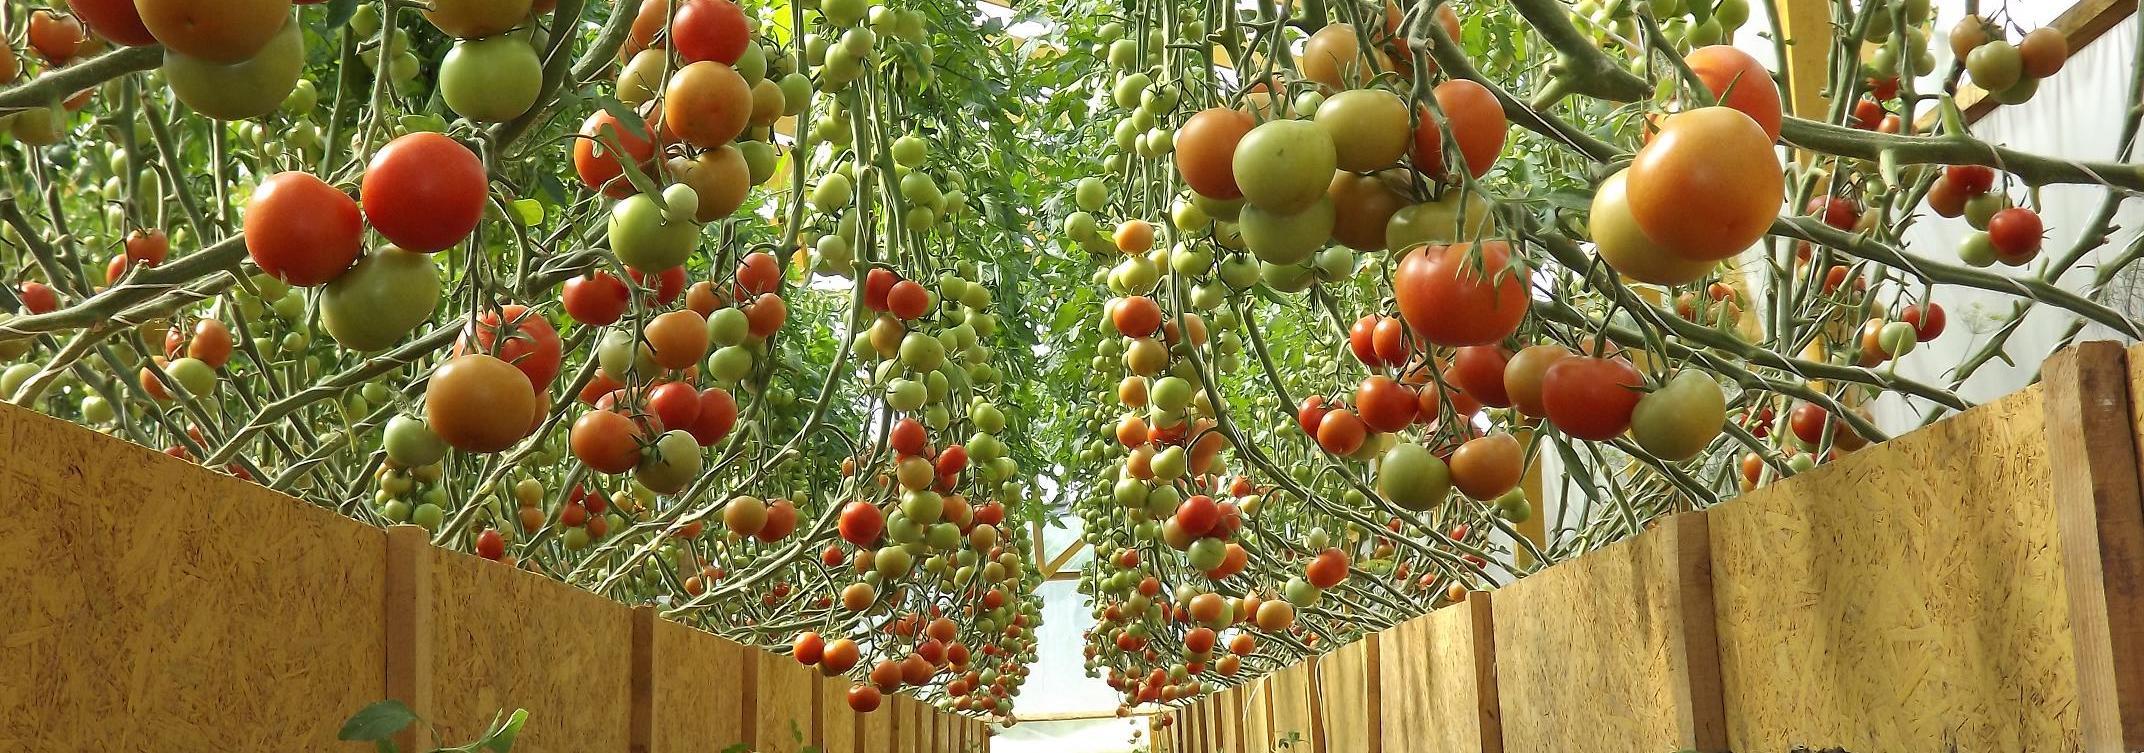 помидоры в теплице выращивание и уход